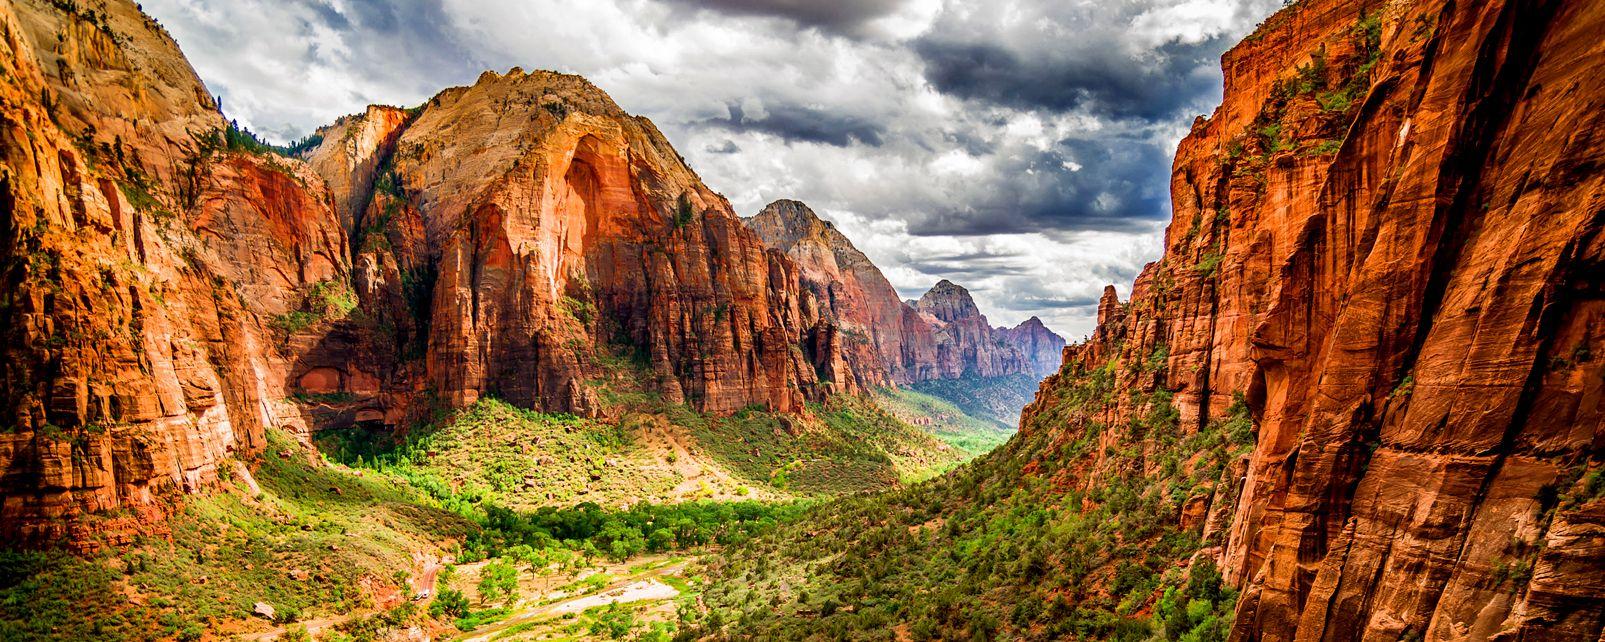 Le parc national de Zion , Etats-Unis